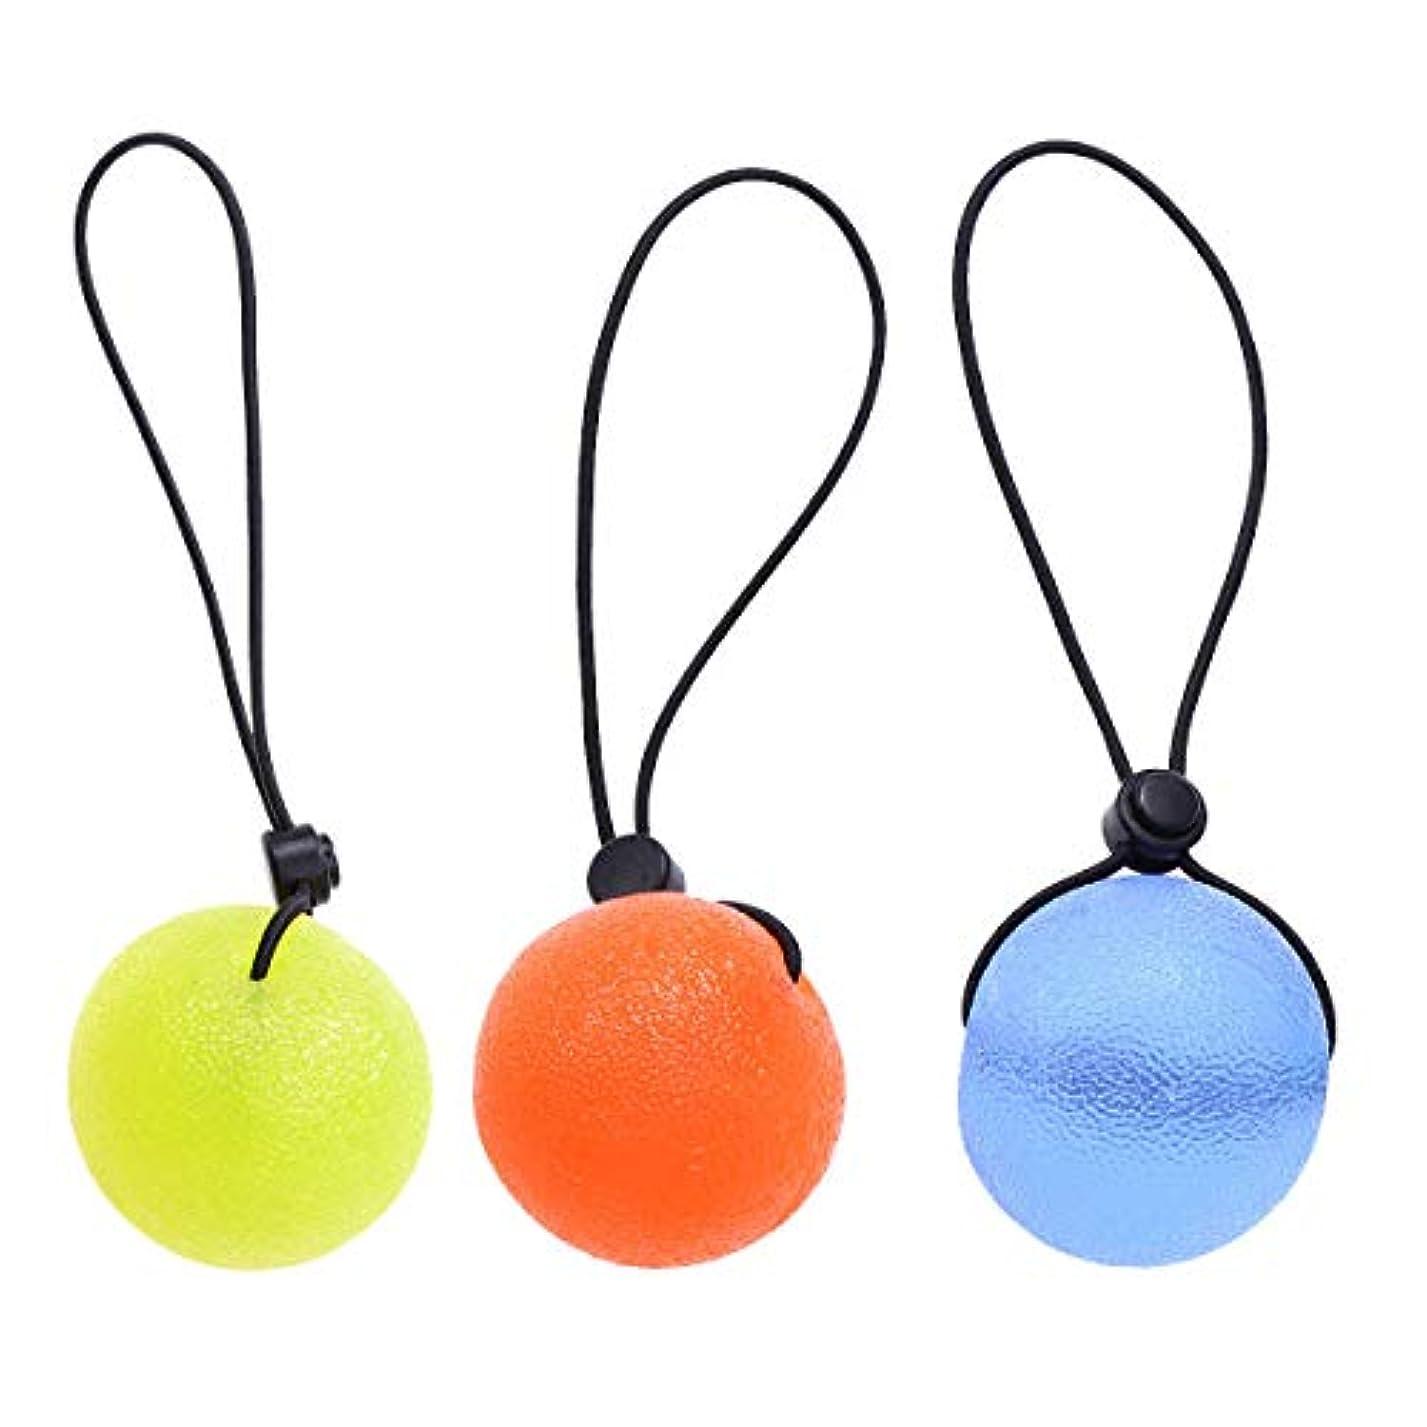 限定果てしないプリーツSUPVOX 3個ハンドグリップ強化剤フィンガーグリップセラピーエクササイズスクイズストレスボール